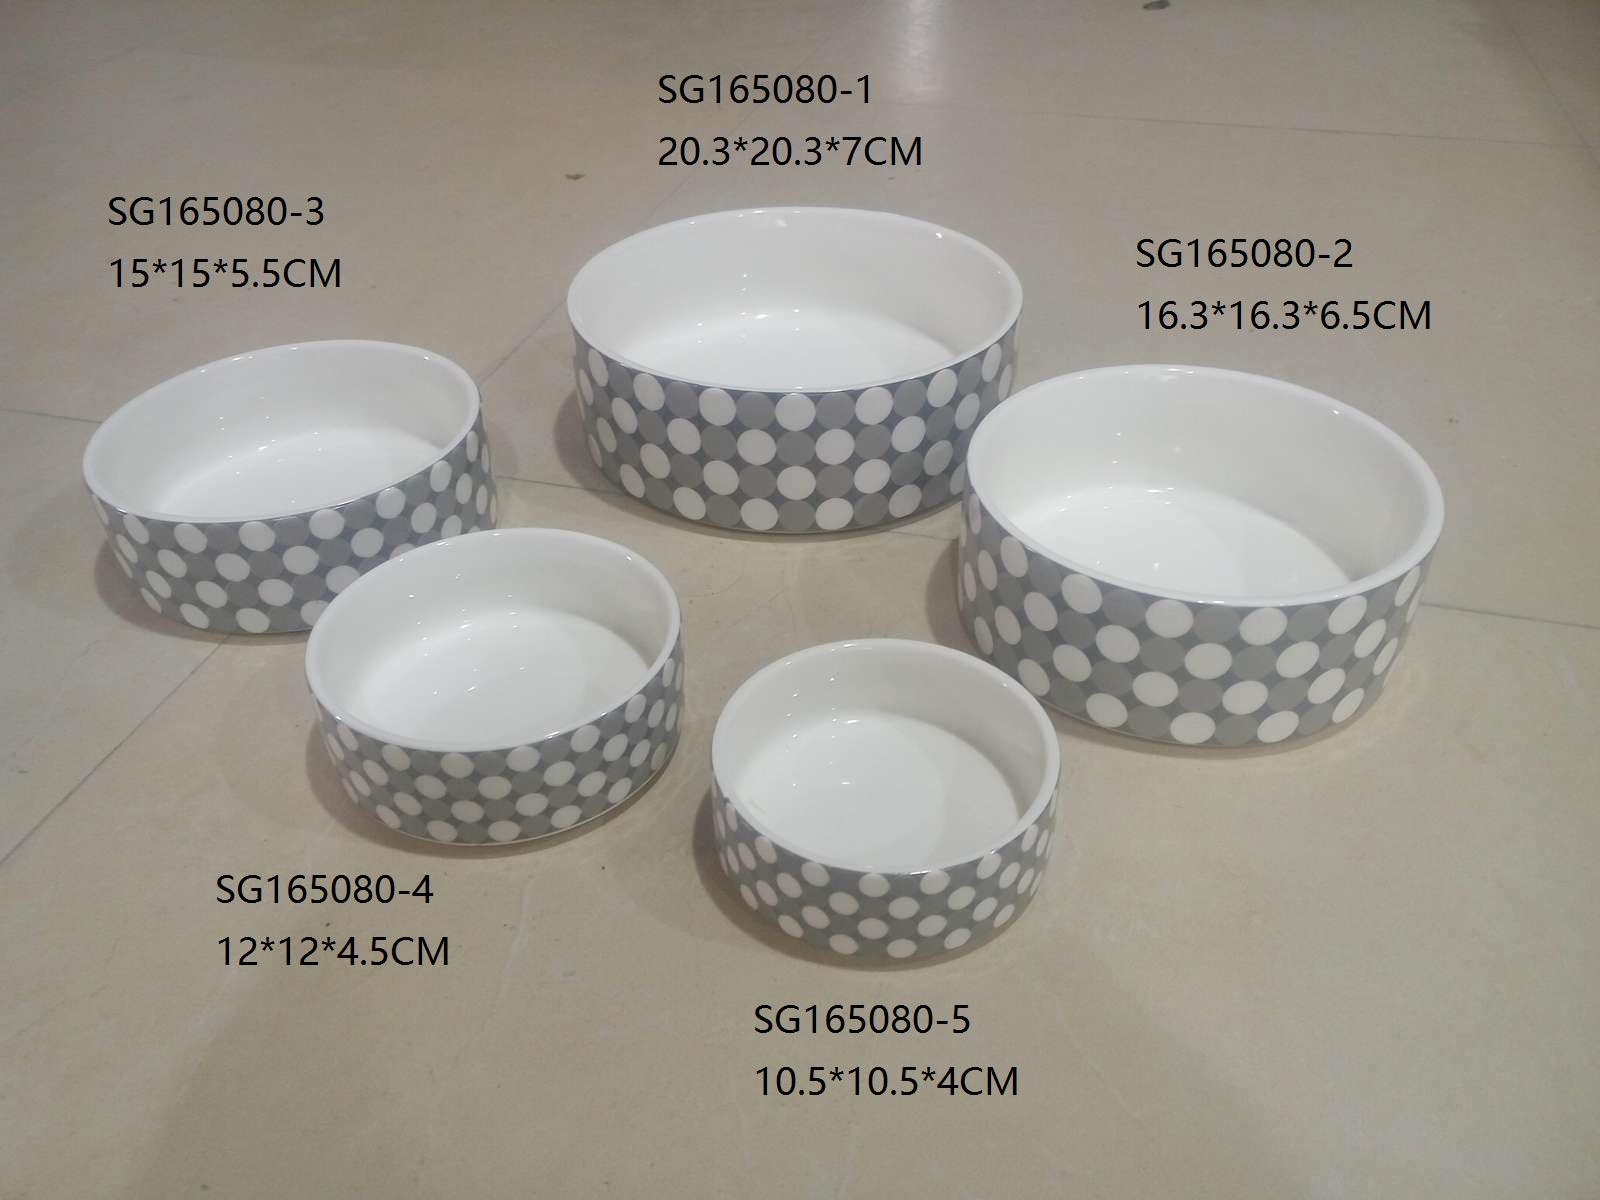 ПЭТ Чаша для пищевой воды, маленький, средний, большой керамические чаши собака для собак и кошек